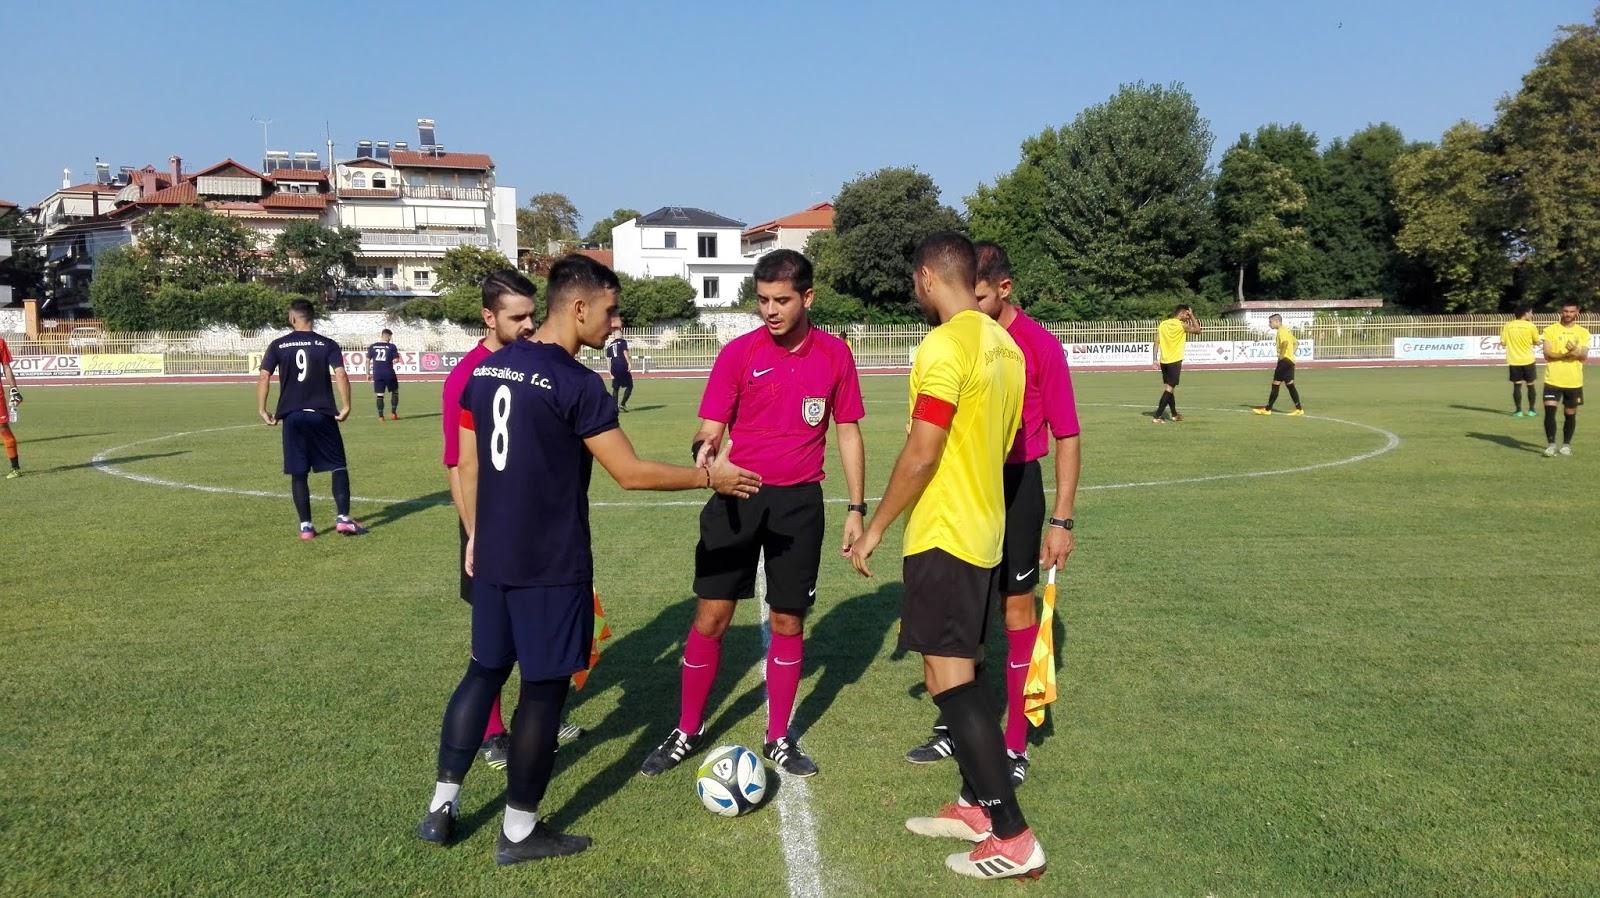 Οι διαιτητές της Β' Εθνικής: Ο Γιουματζίδης από την Πέλλα το Σπάρτη – Τρίκαλα…